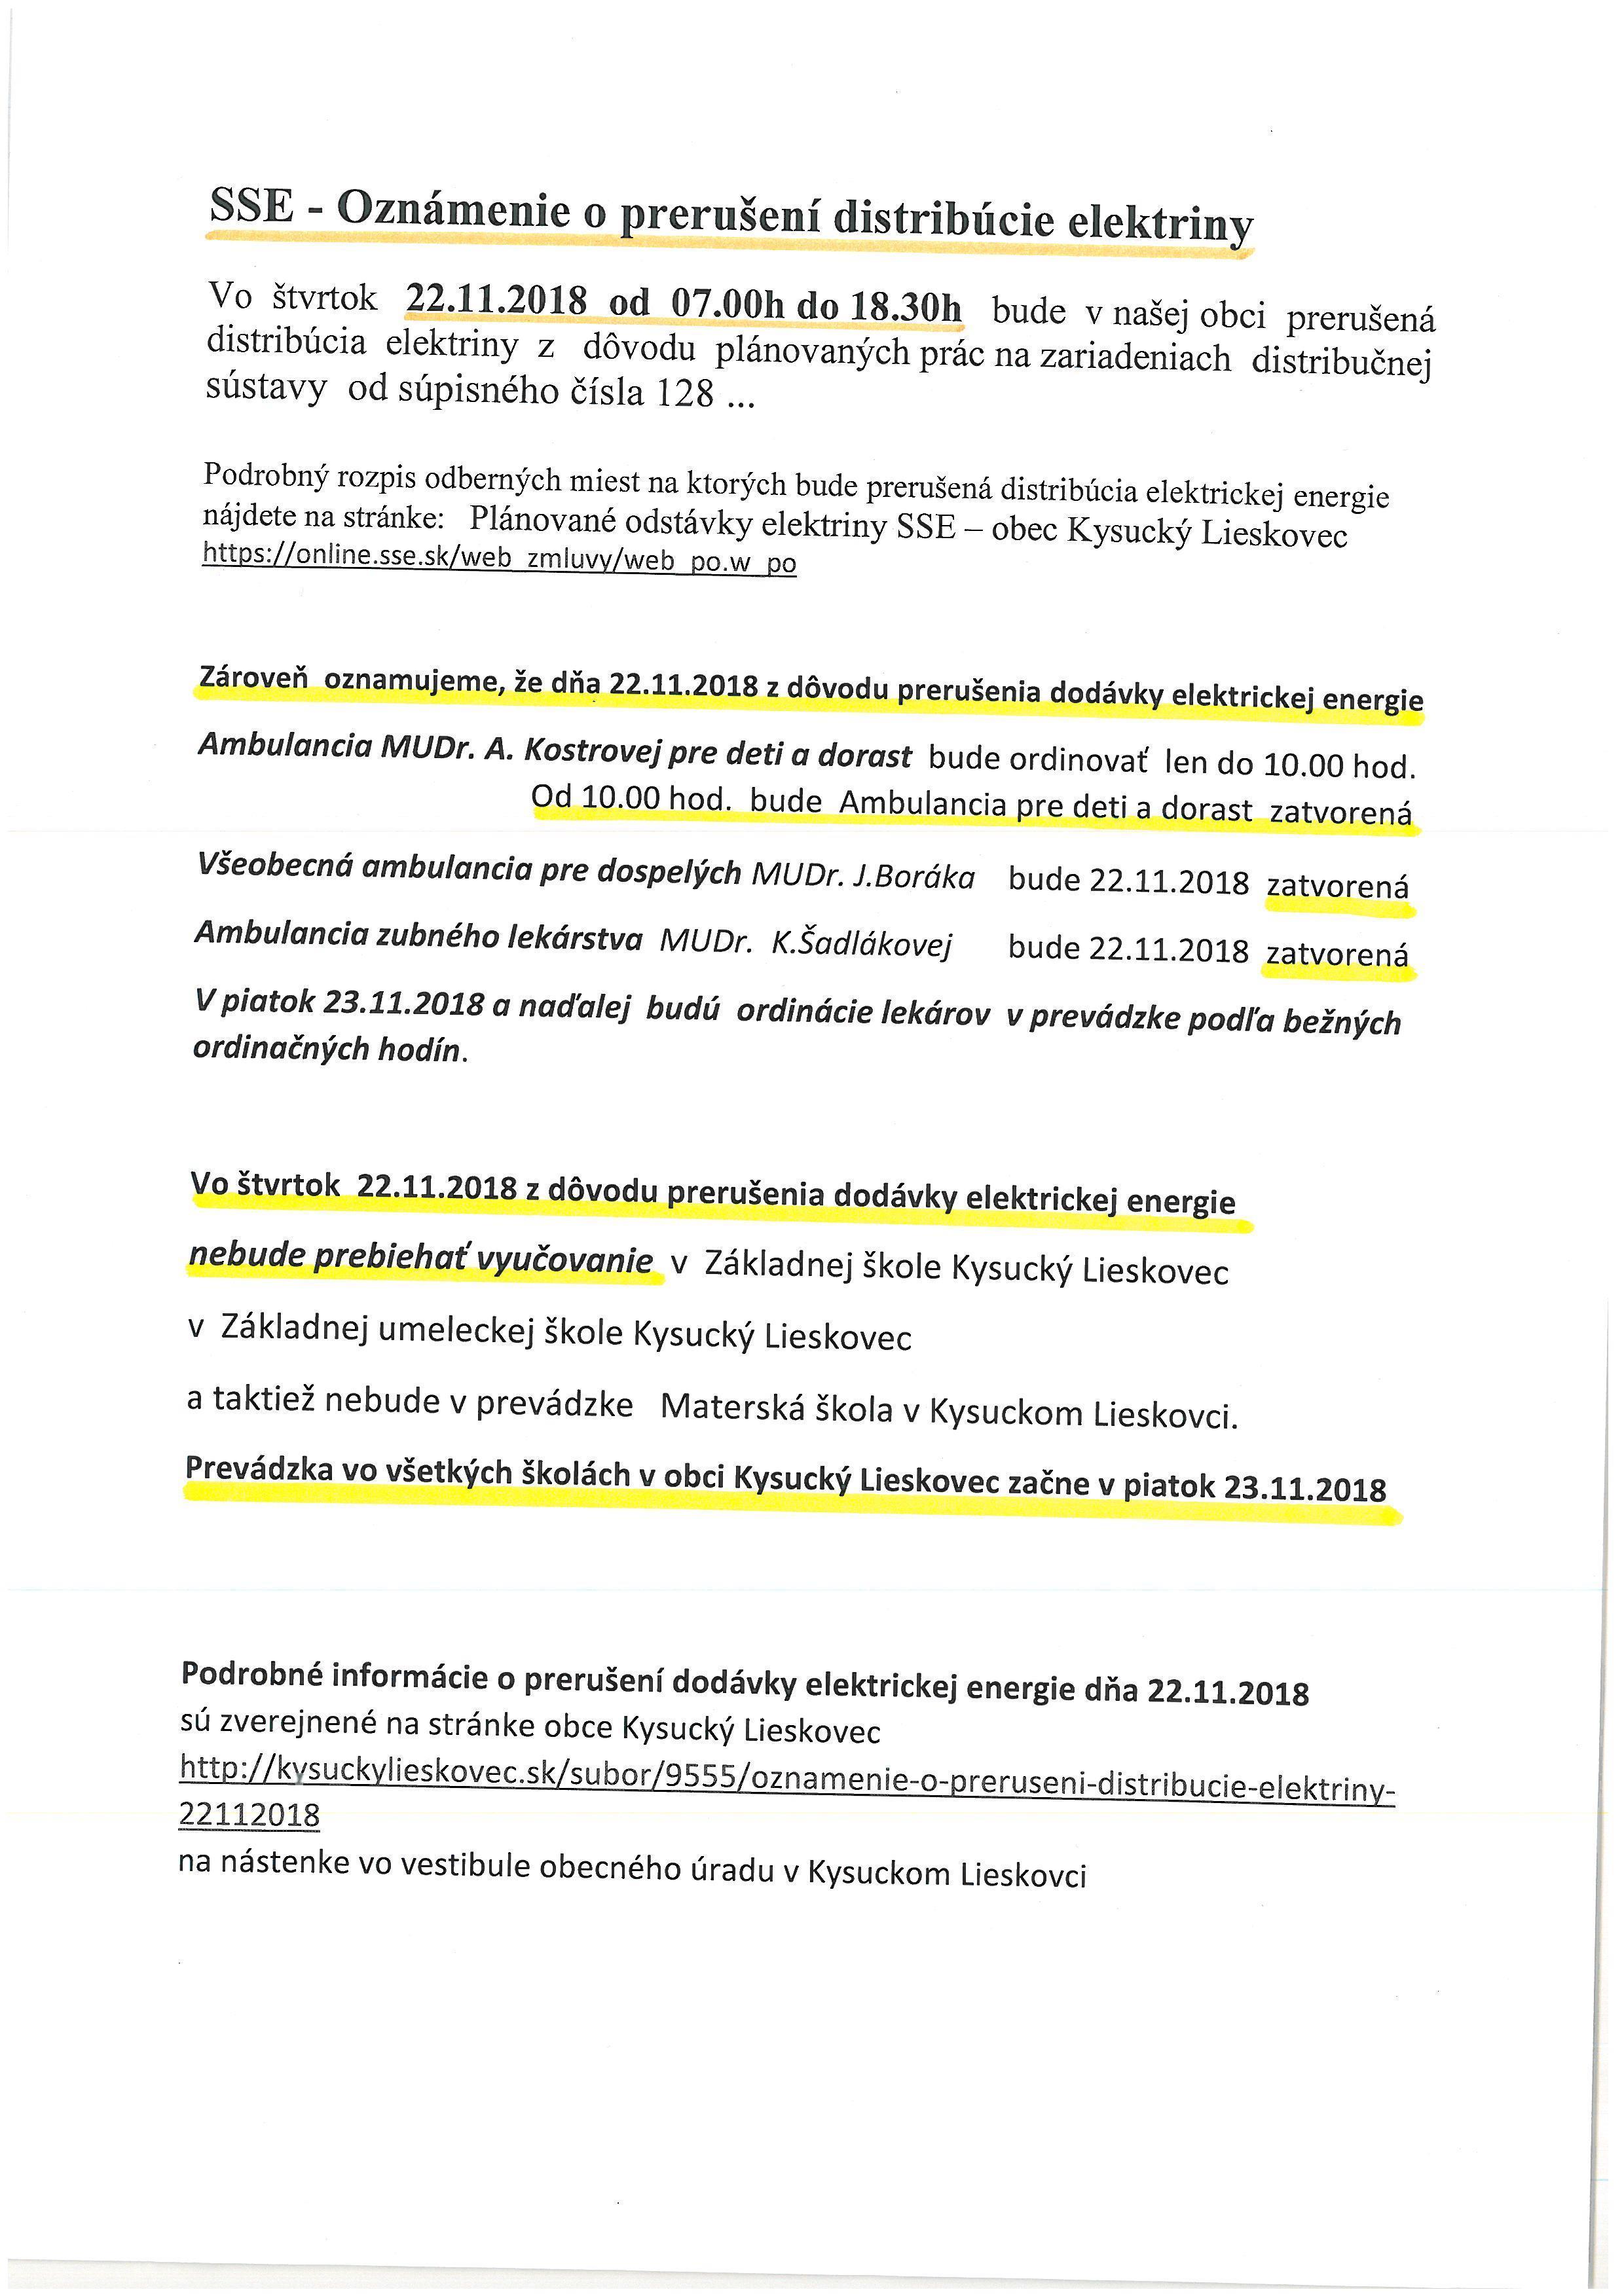 SSE - oznámene o prerušení distribúcie EE 22.11.2018